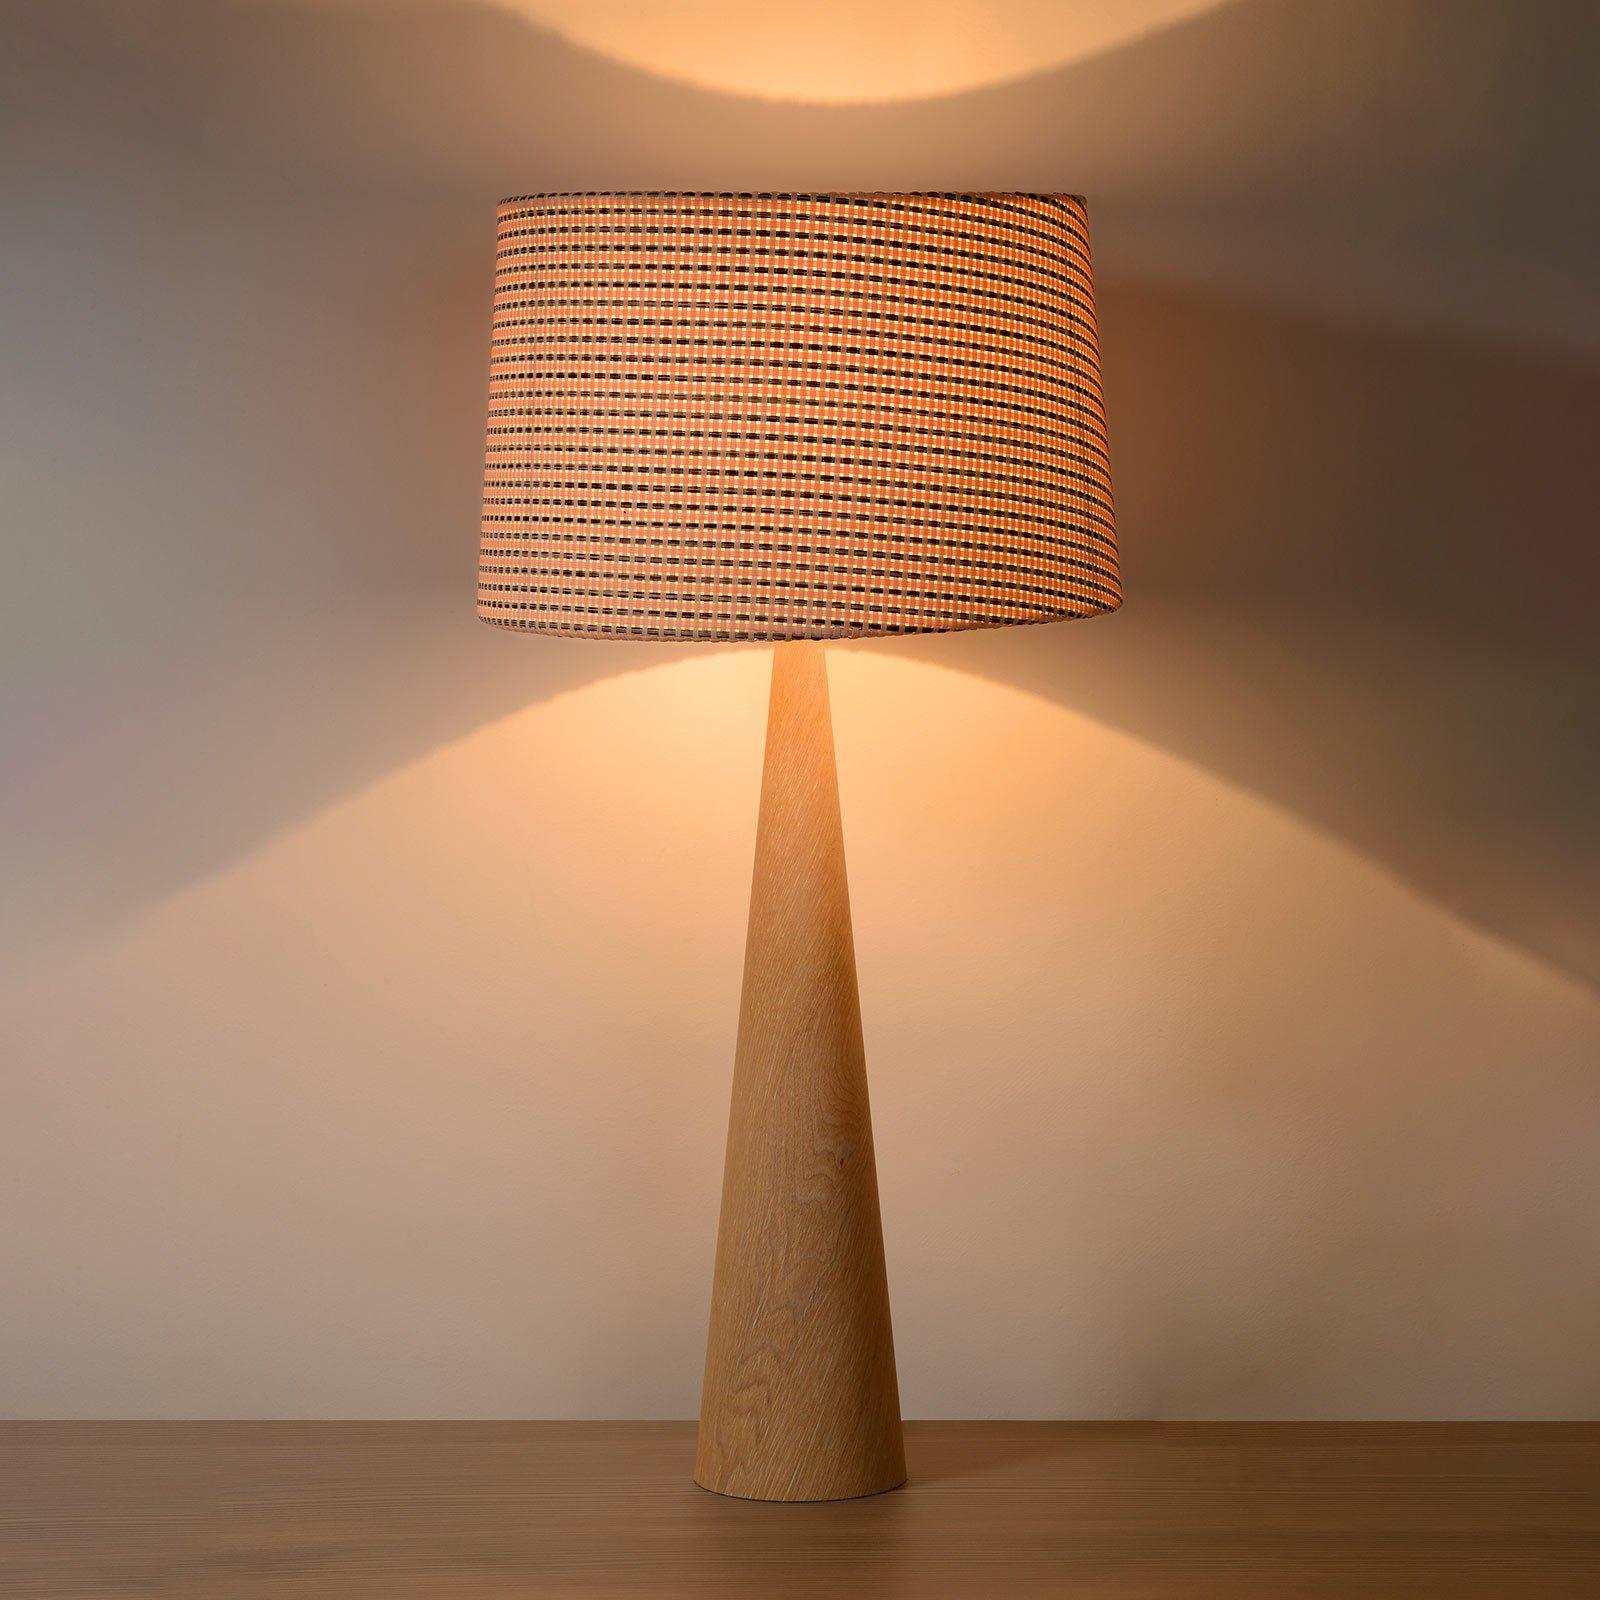 Conos bordlampe med lys trefot